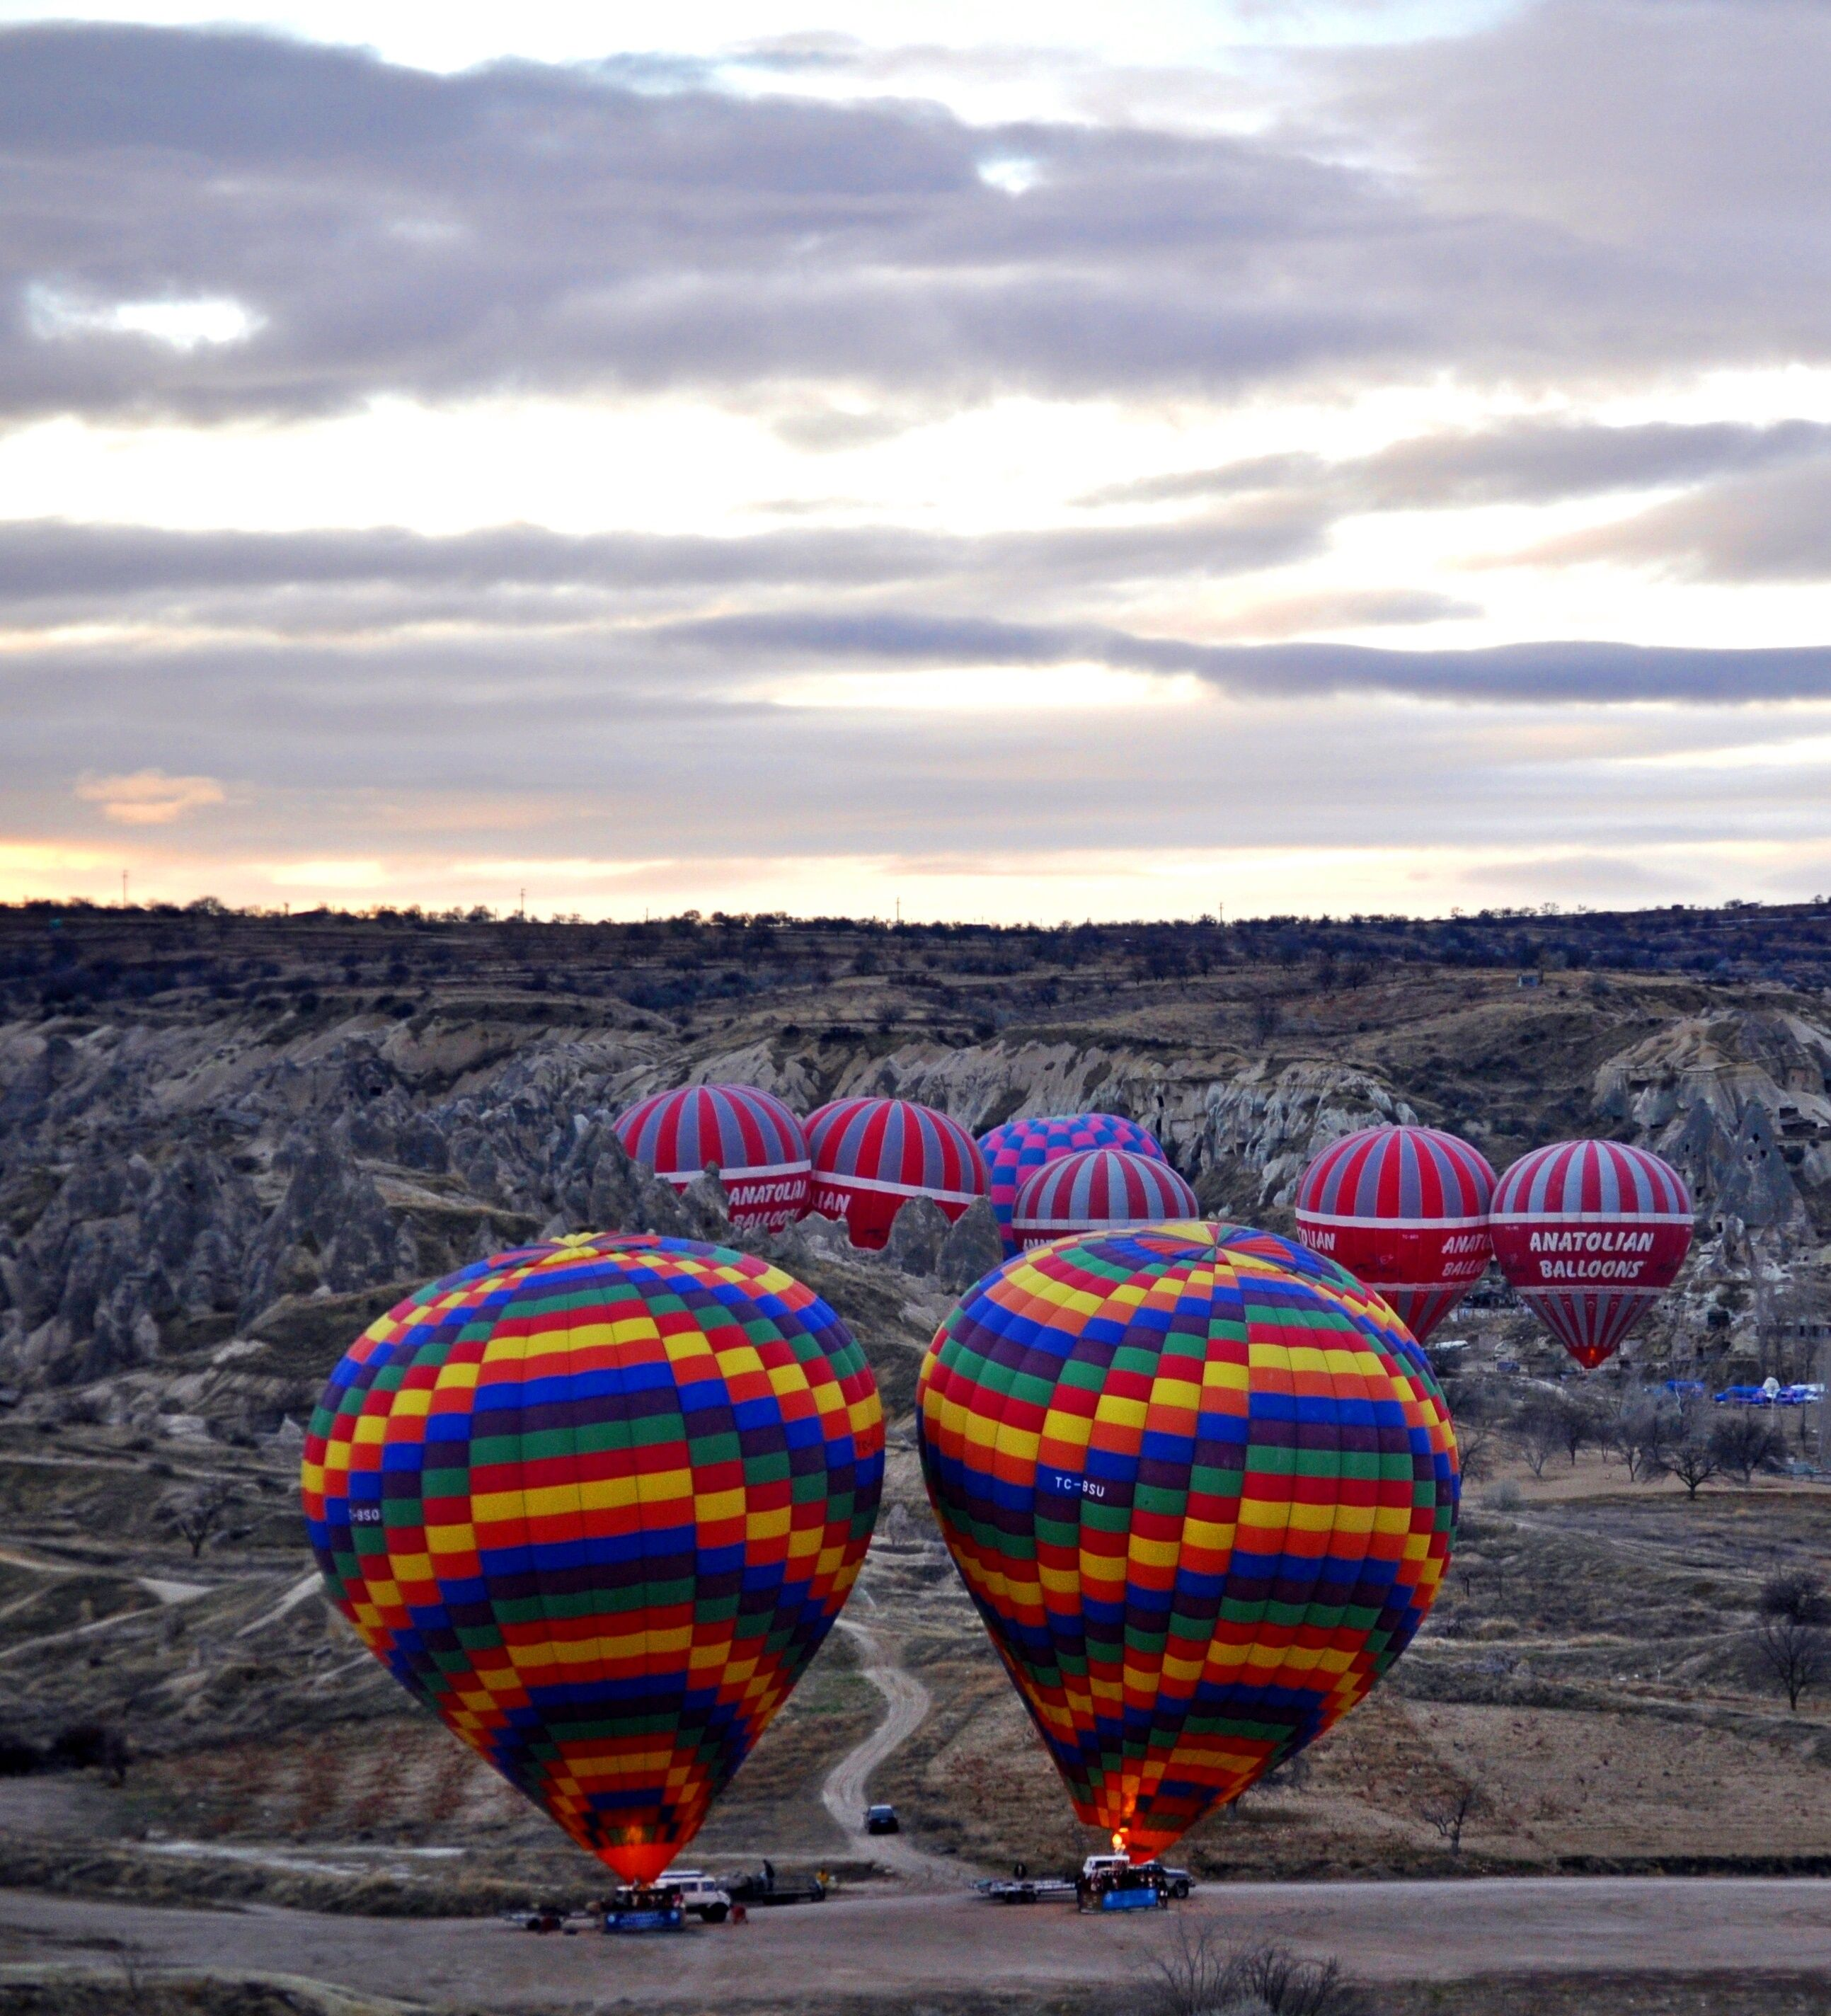 Hot air balloon preparation in Cappadocia Hot air